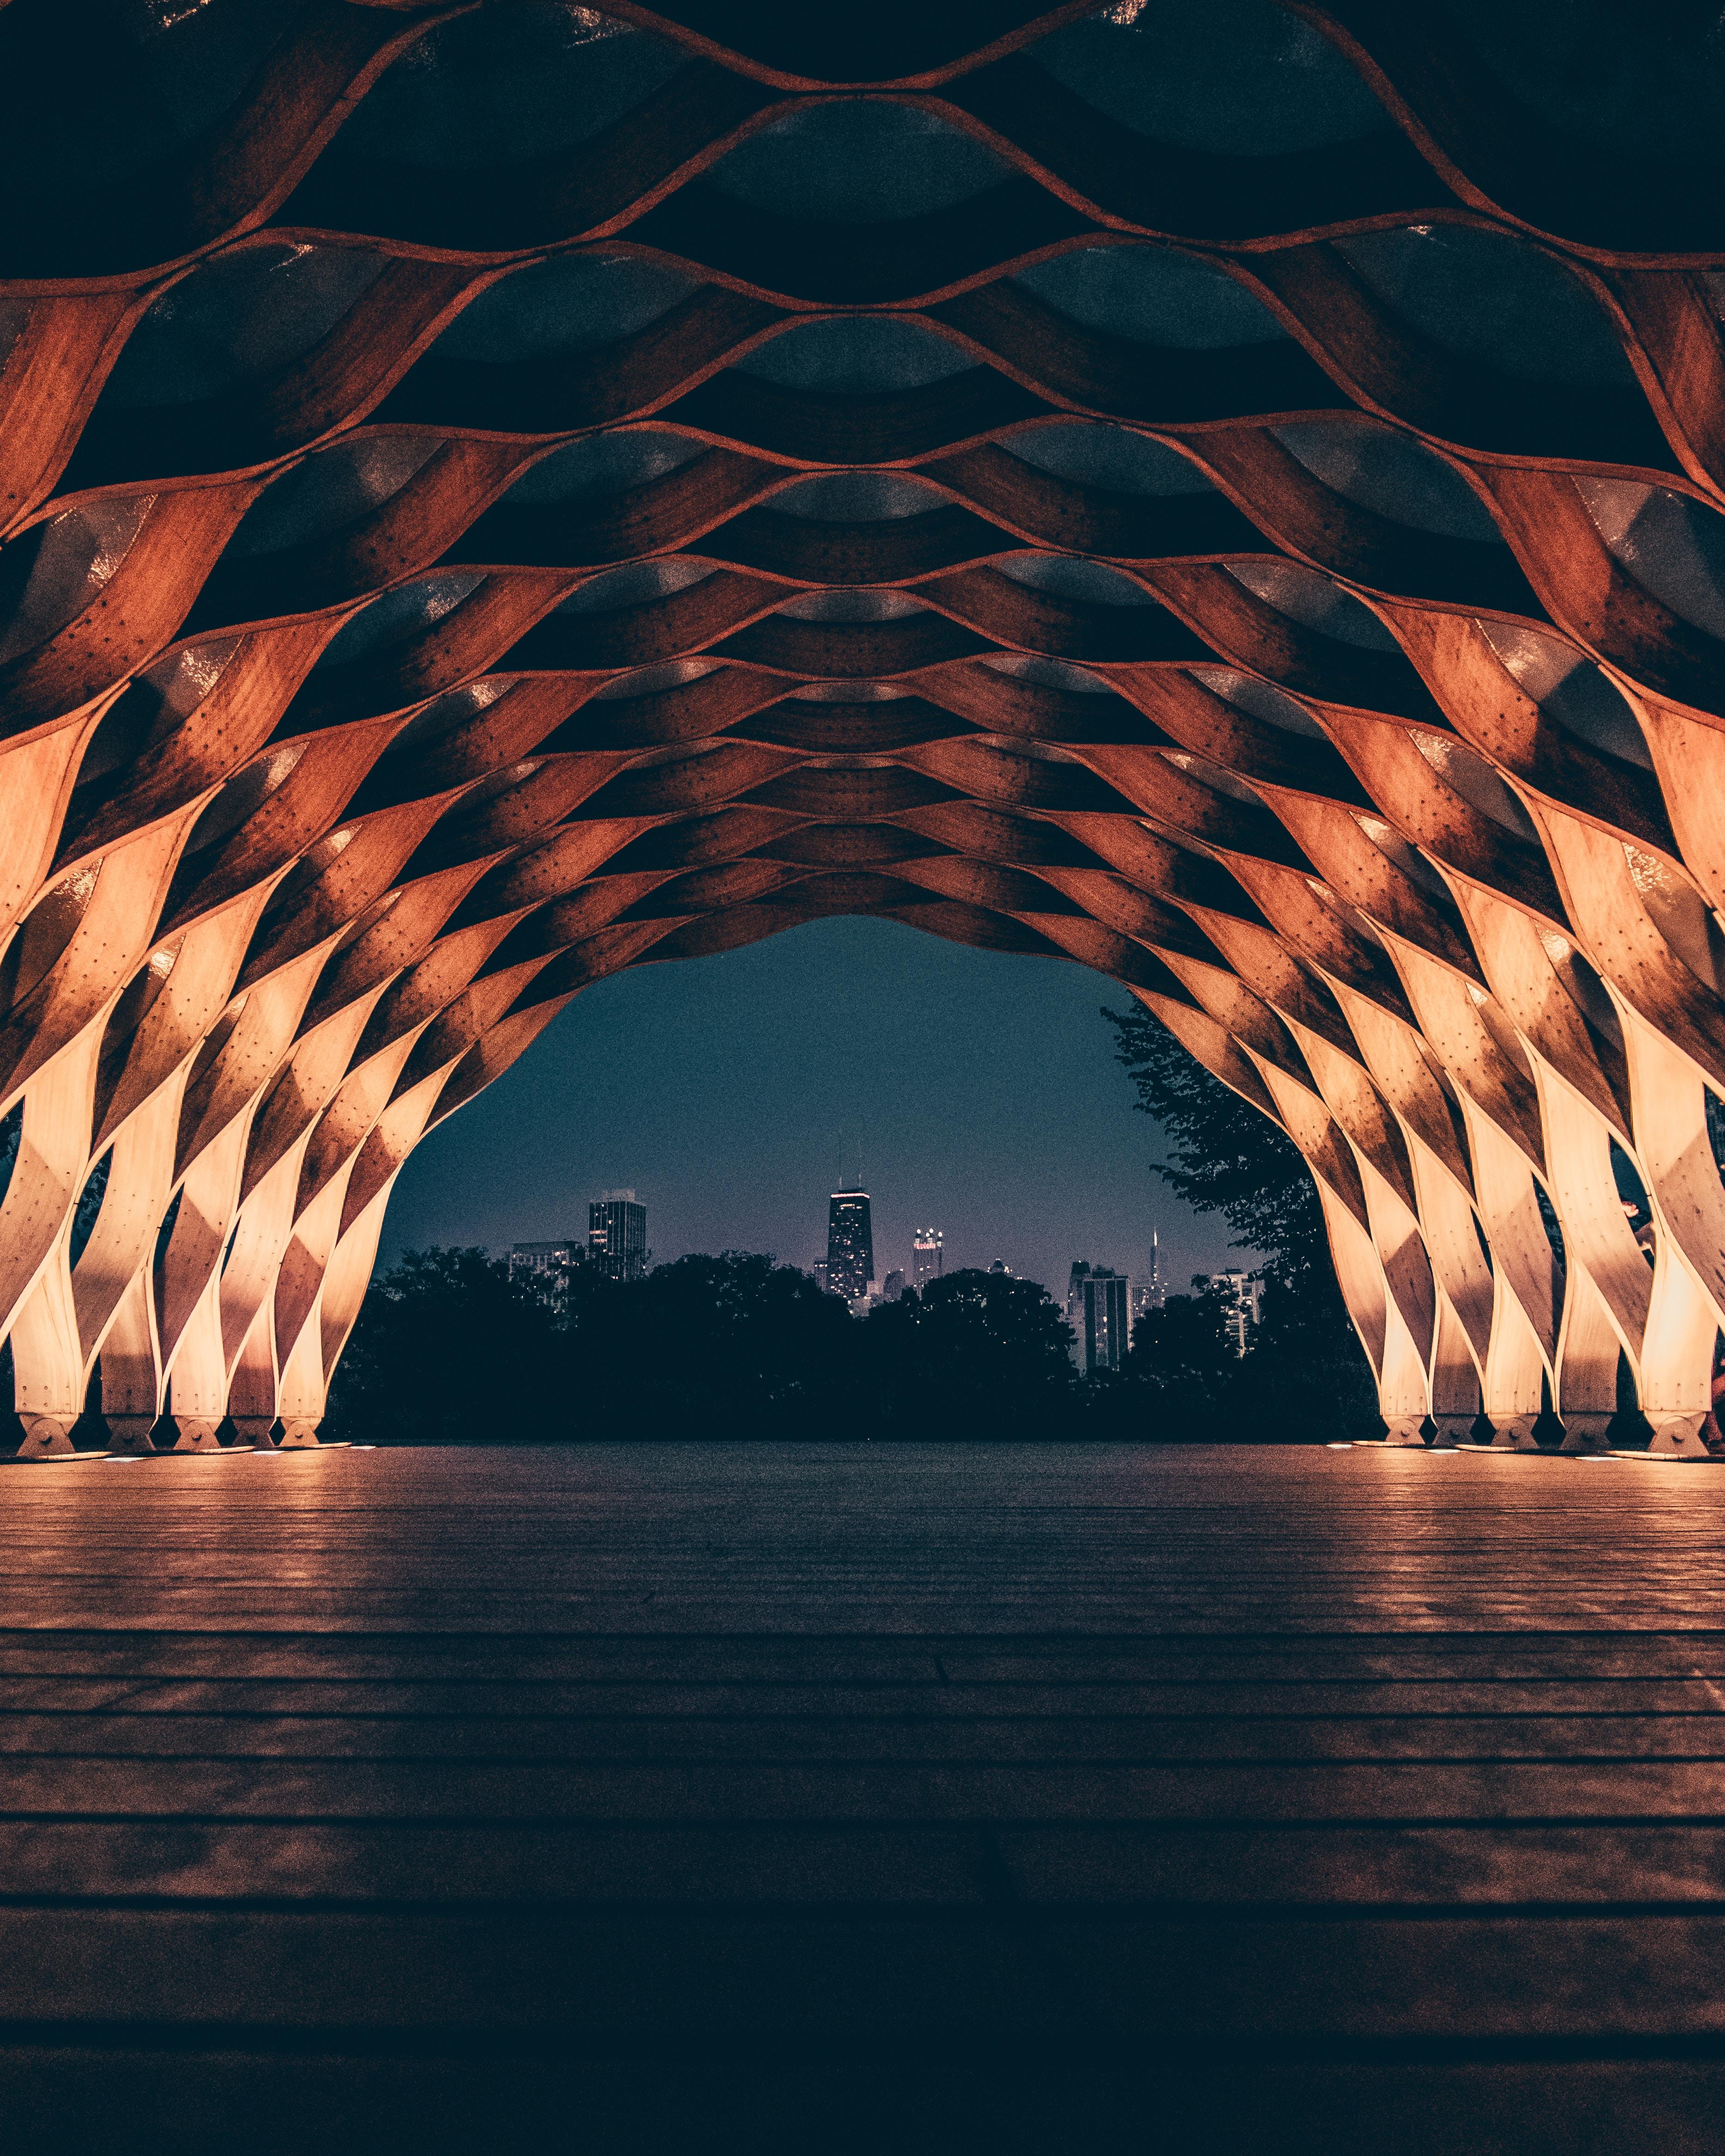 51602 Salvapantallas y fondos de pantalla Arquitectura en tu teléfono. Descarga imágenes de Arco, Diseño, Construcción, Red, Rejilla, Iluminar Desde El Fondo, Iluminación, Ciudad, Vista, Arquitectura, Ciudades gratis